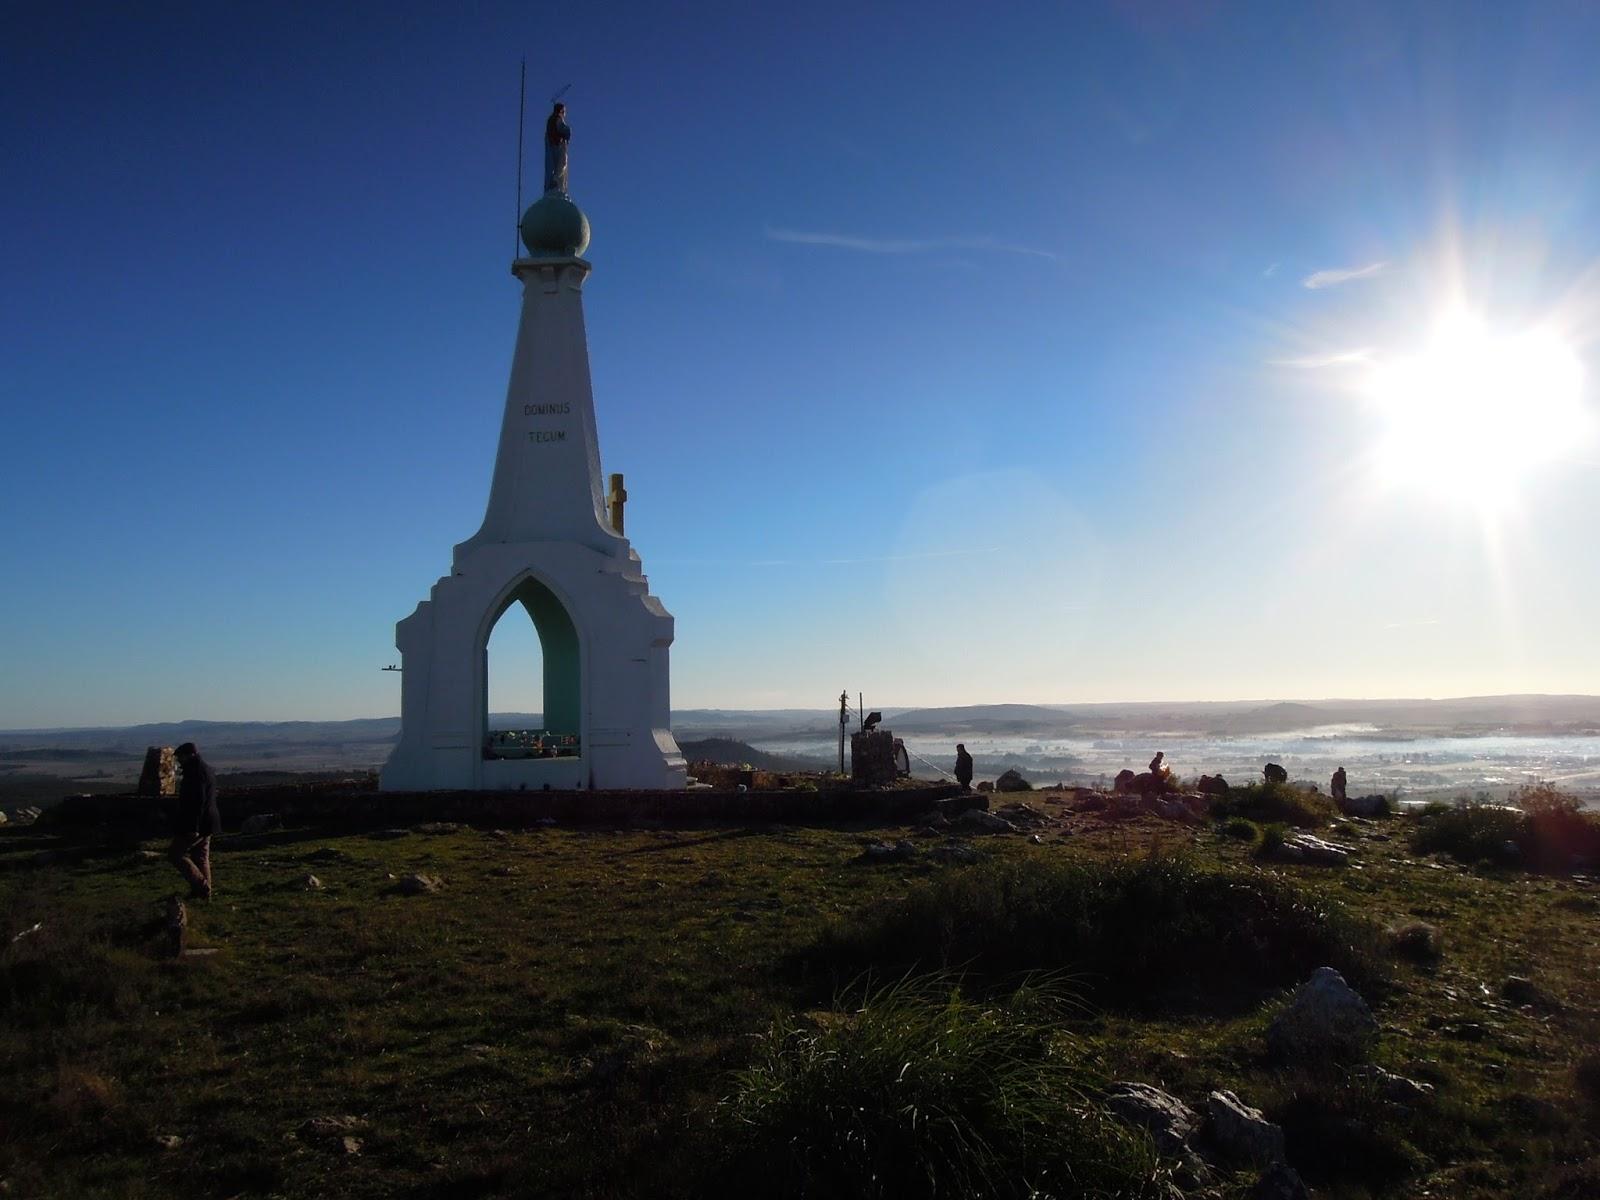 La famosa Peregrinación a la Inmaculada de Uruguay: Virgen del Verdún, Uruguay (19 de abril)